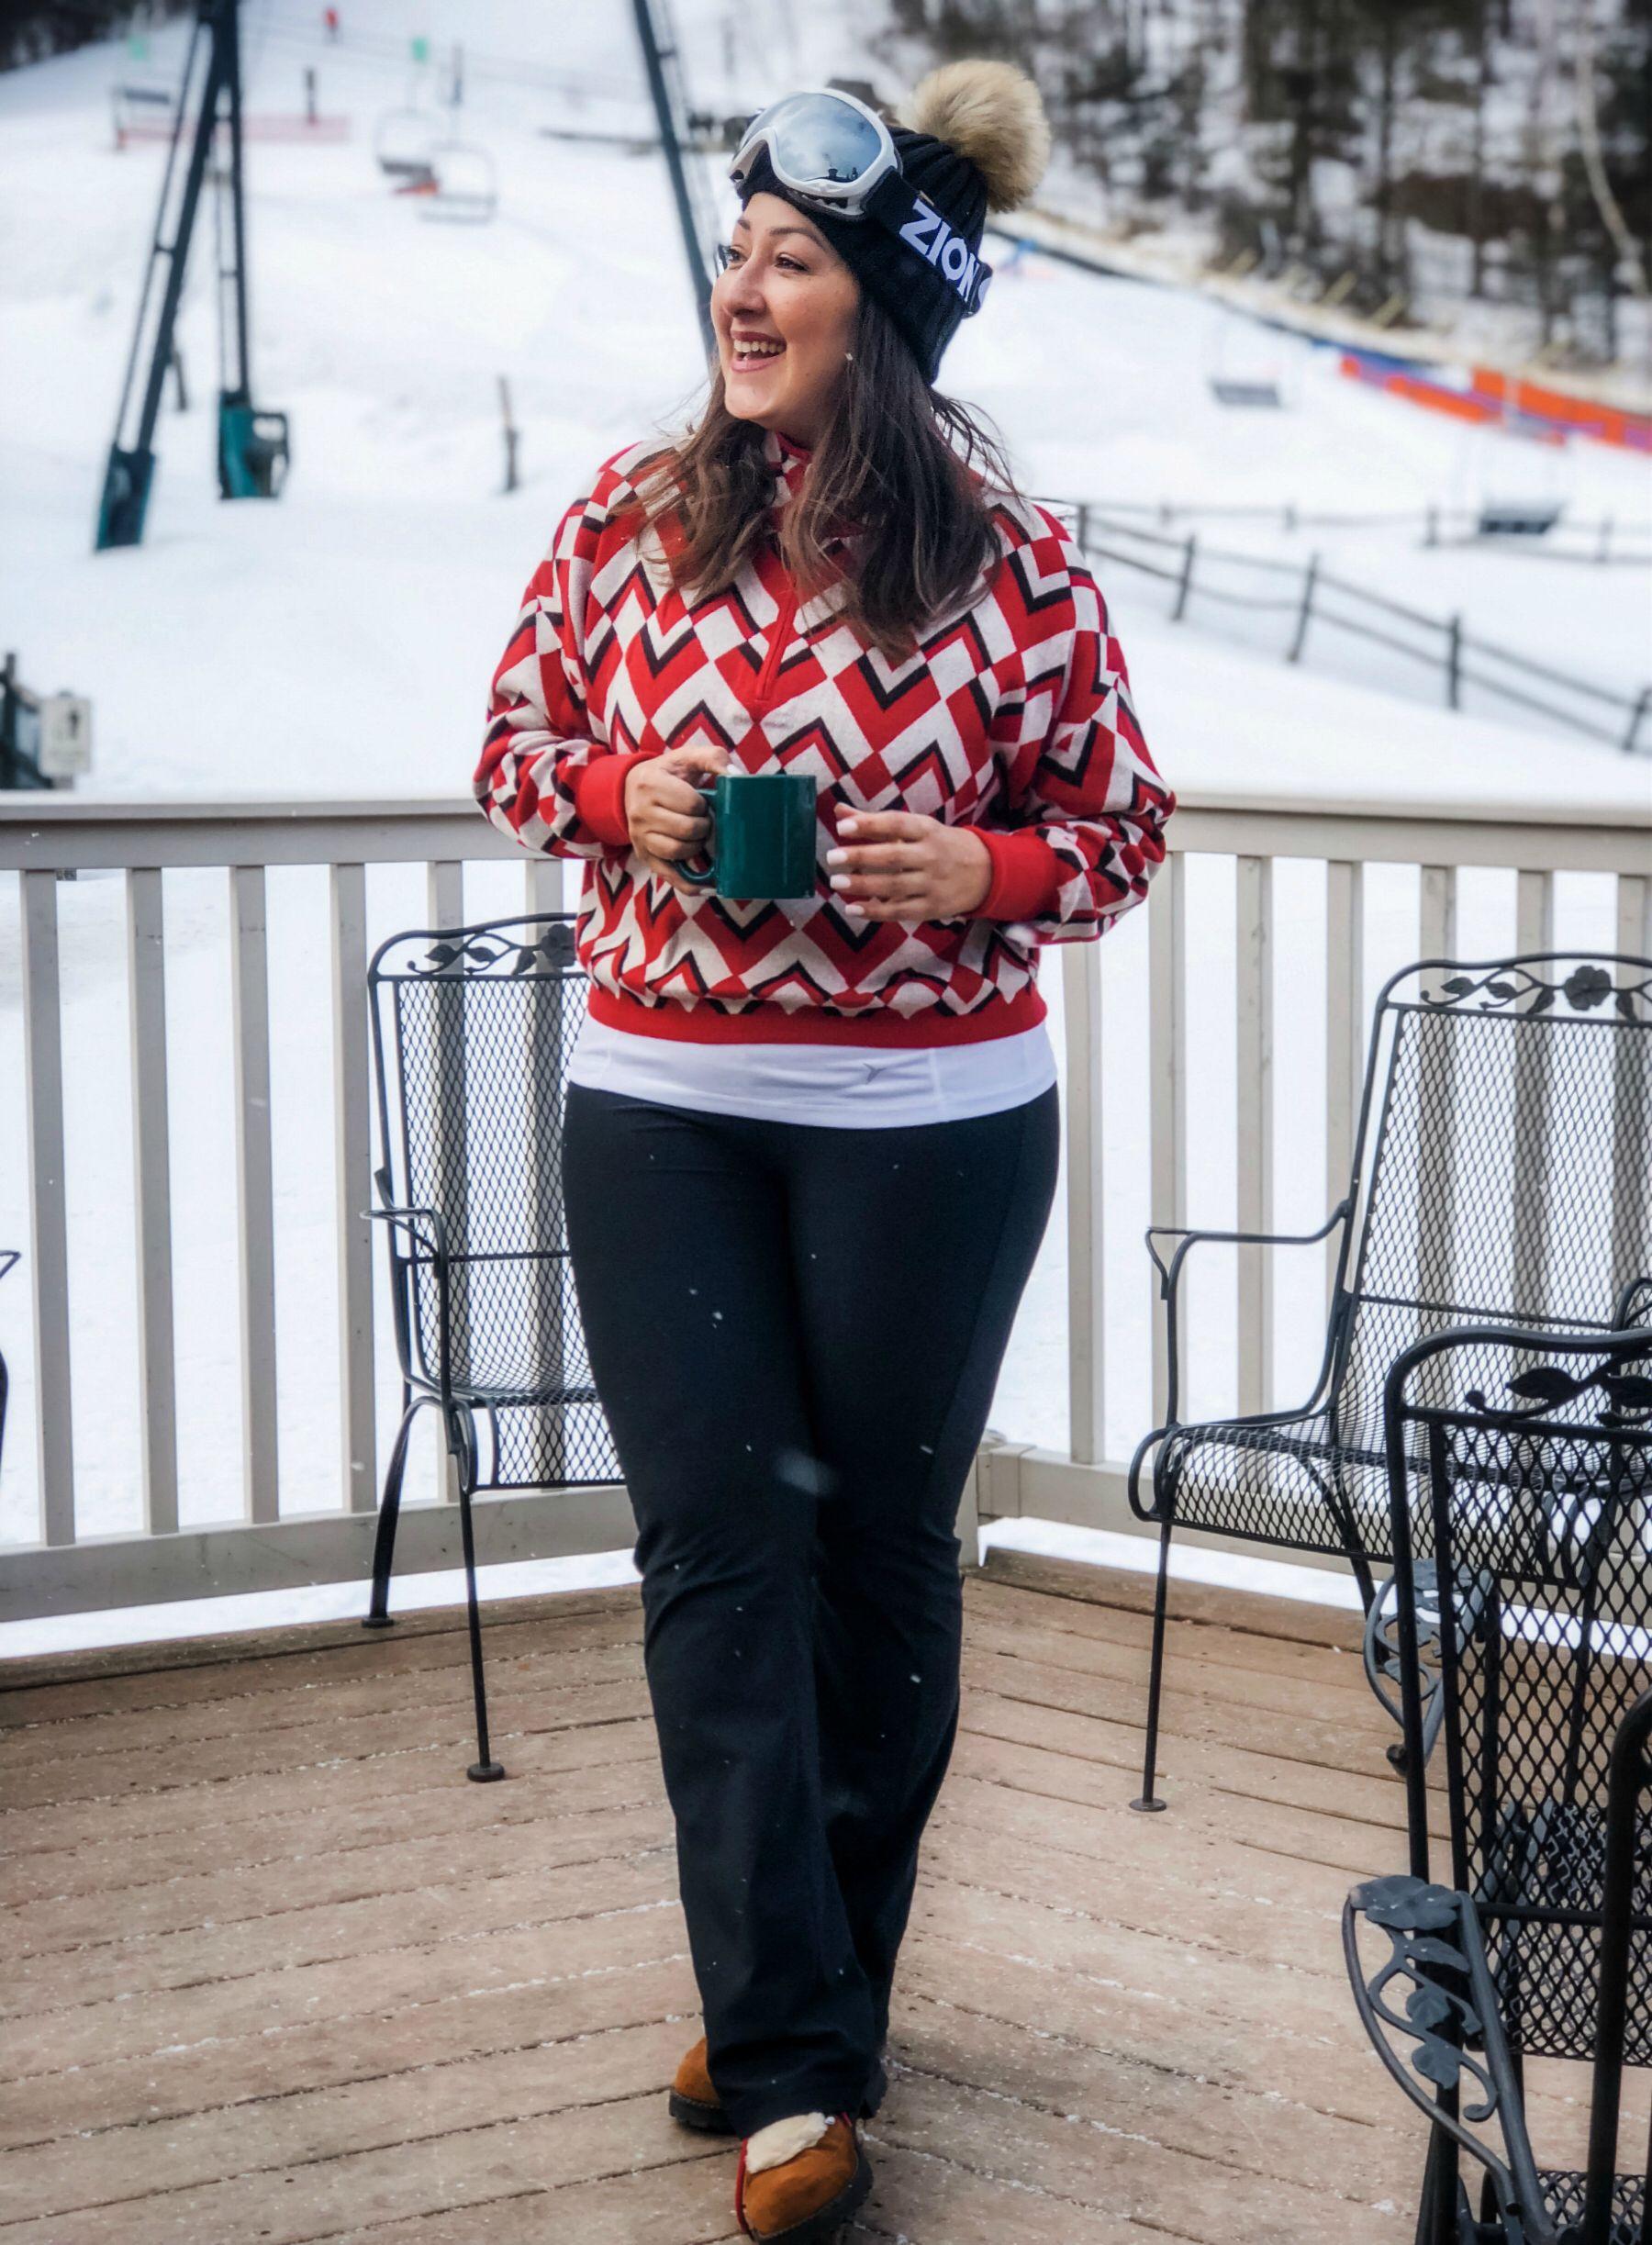 Preppy après ski. Coffee tasting, Style snaps, Christmas